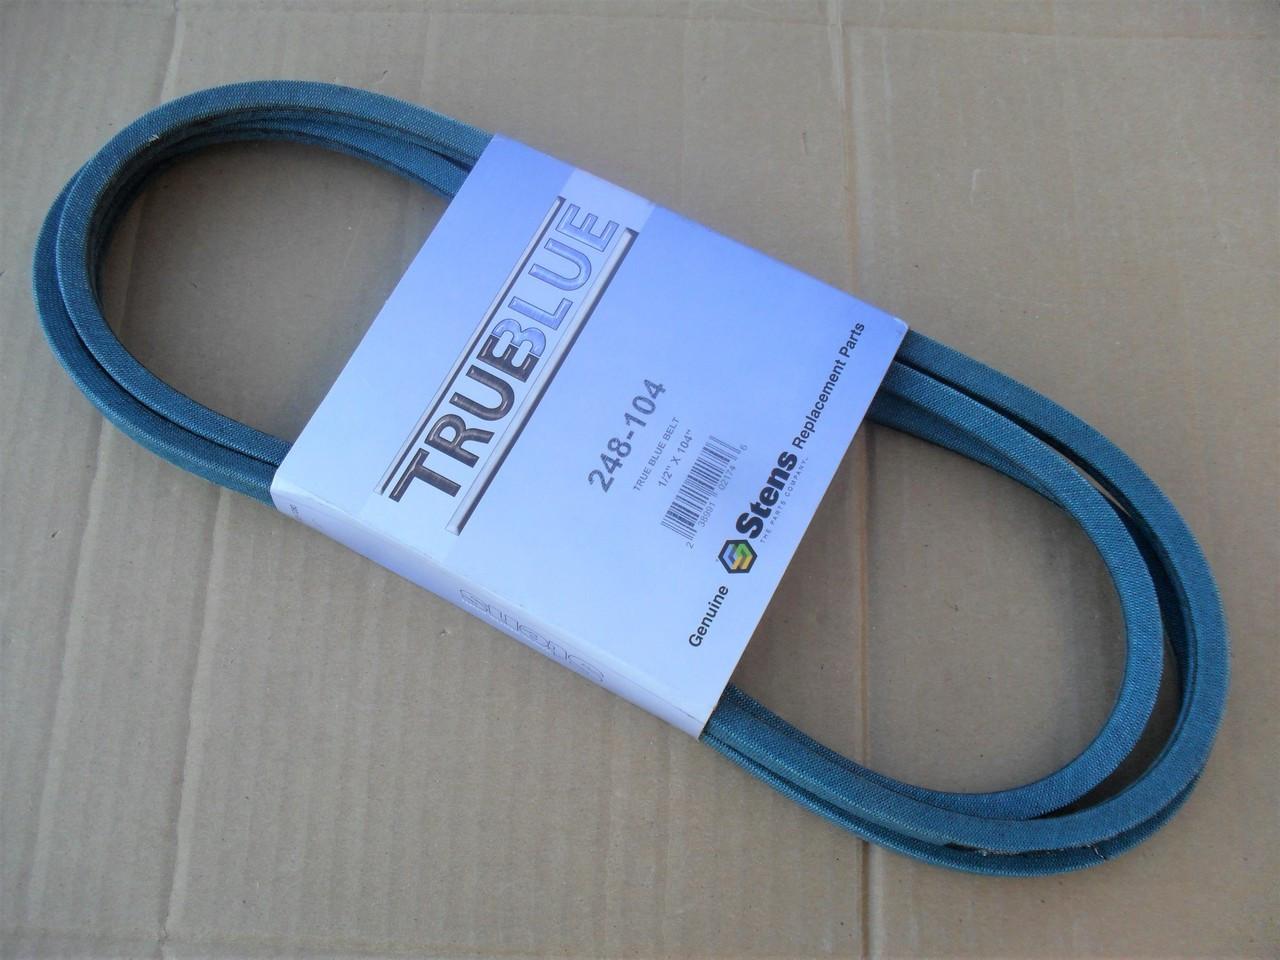 JACOBSEN 328891 Replacement Belt